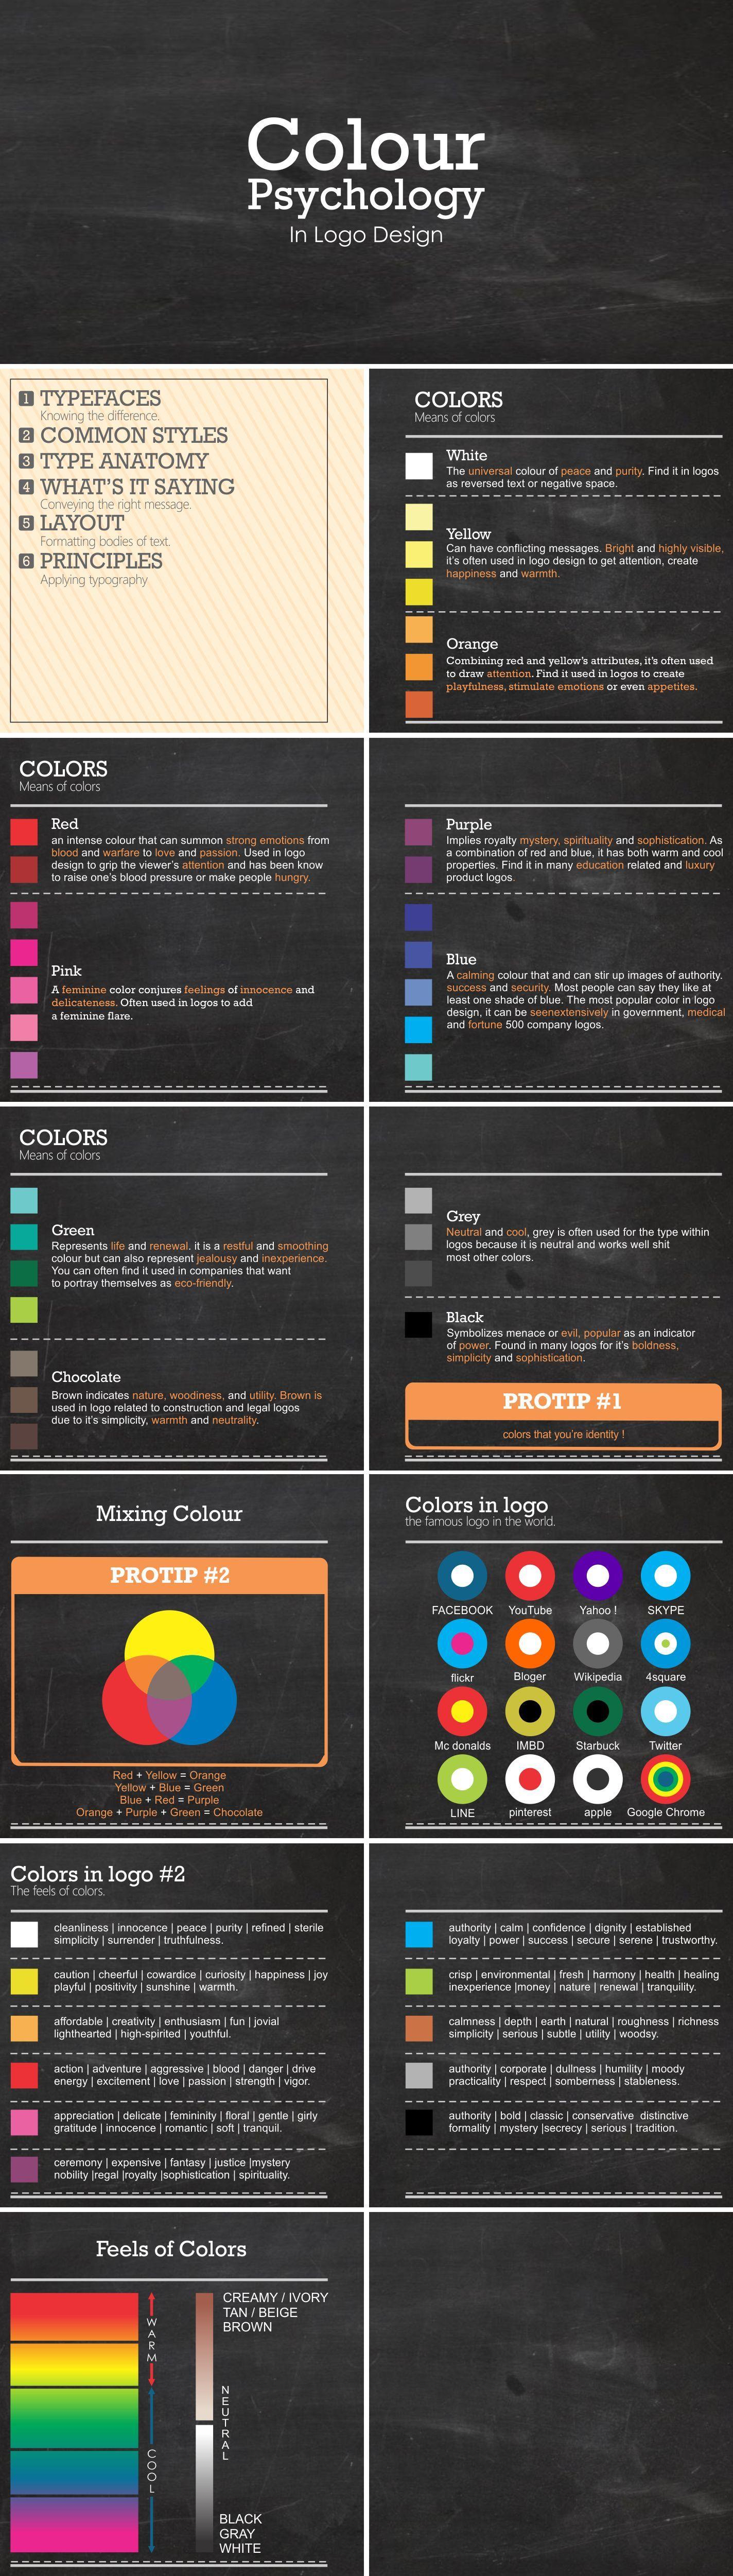 Colors web design psychology - Color Psychology In Logo Design